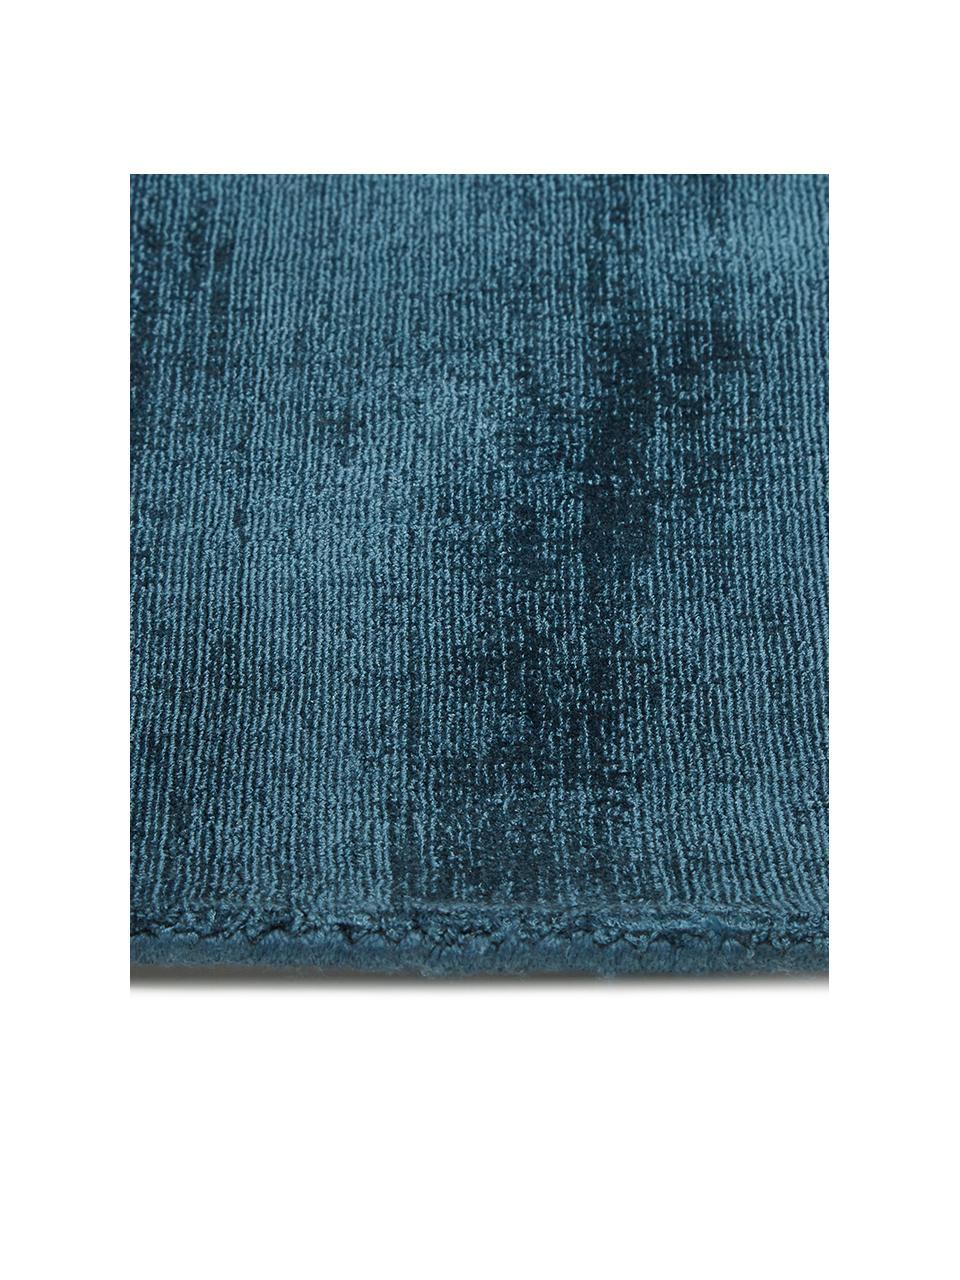 Alfombra artesanal de viscosa Jane, Parte superior: 100%viscosa, Reverso: 100%algodón, Azul oscuro, An 300 x L 400 cm (Tamaño XL)